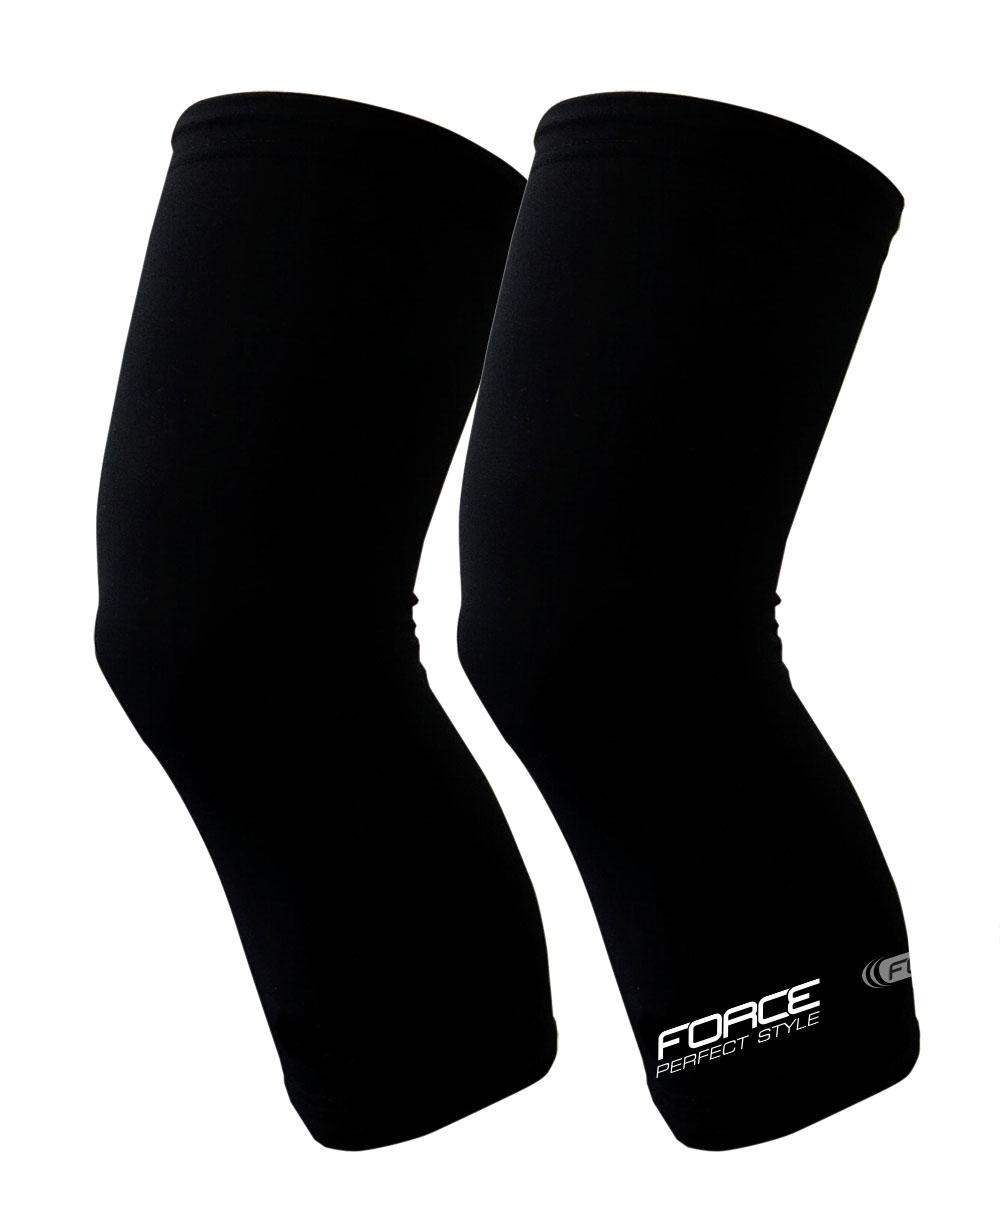 návleky na kolena FORCE TERM, černé S